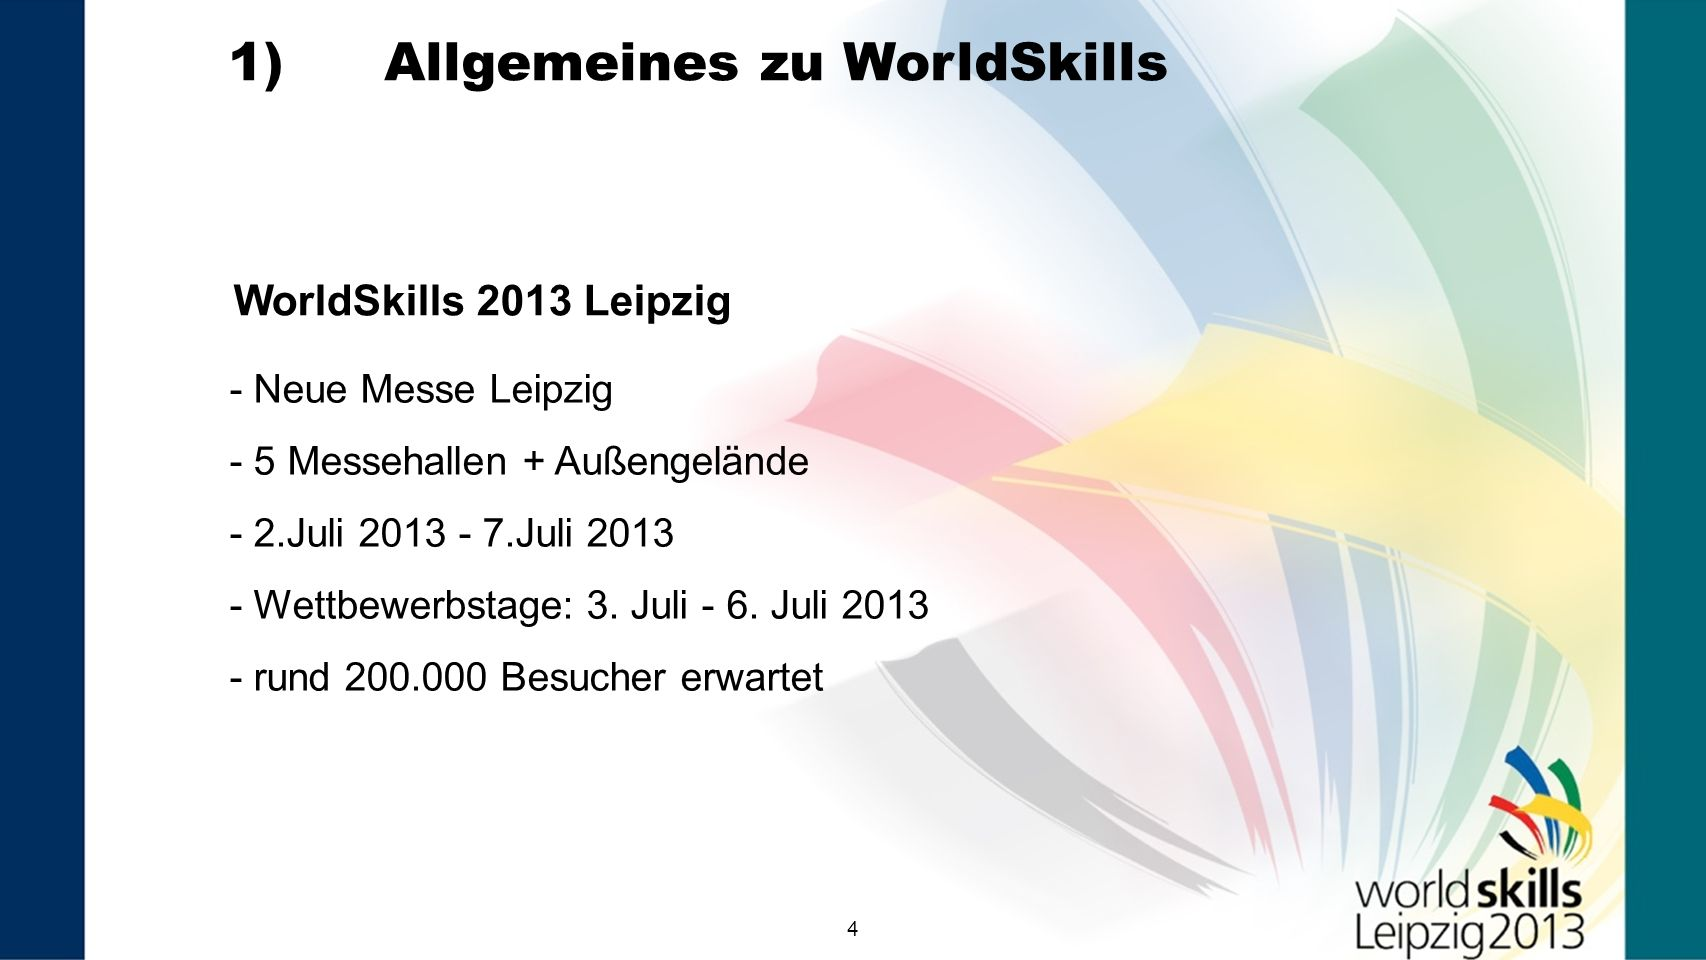 44 WorldSkills 2013 Leipzig - Neue Messe Leipzig - 5 Messehallen + Außengelände - 2.Juli 2013 - 7.Juli 2013 - Wettbewerbstage: 3. Juli - 6. Juli 2013